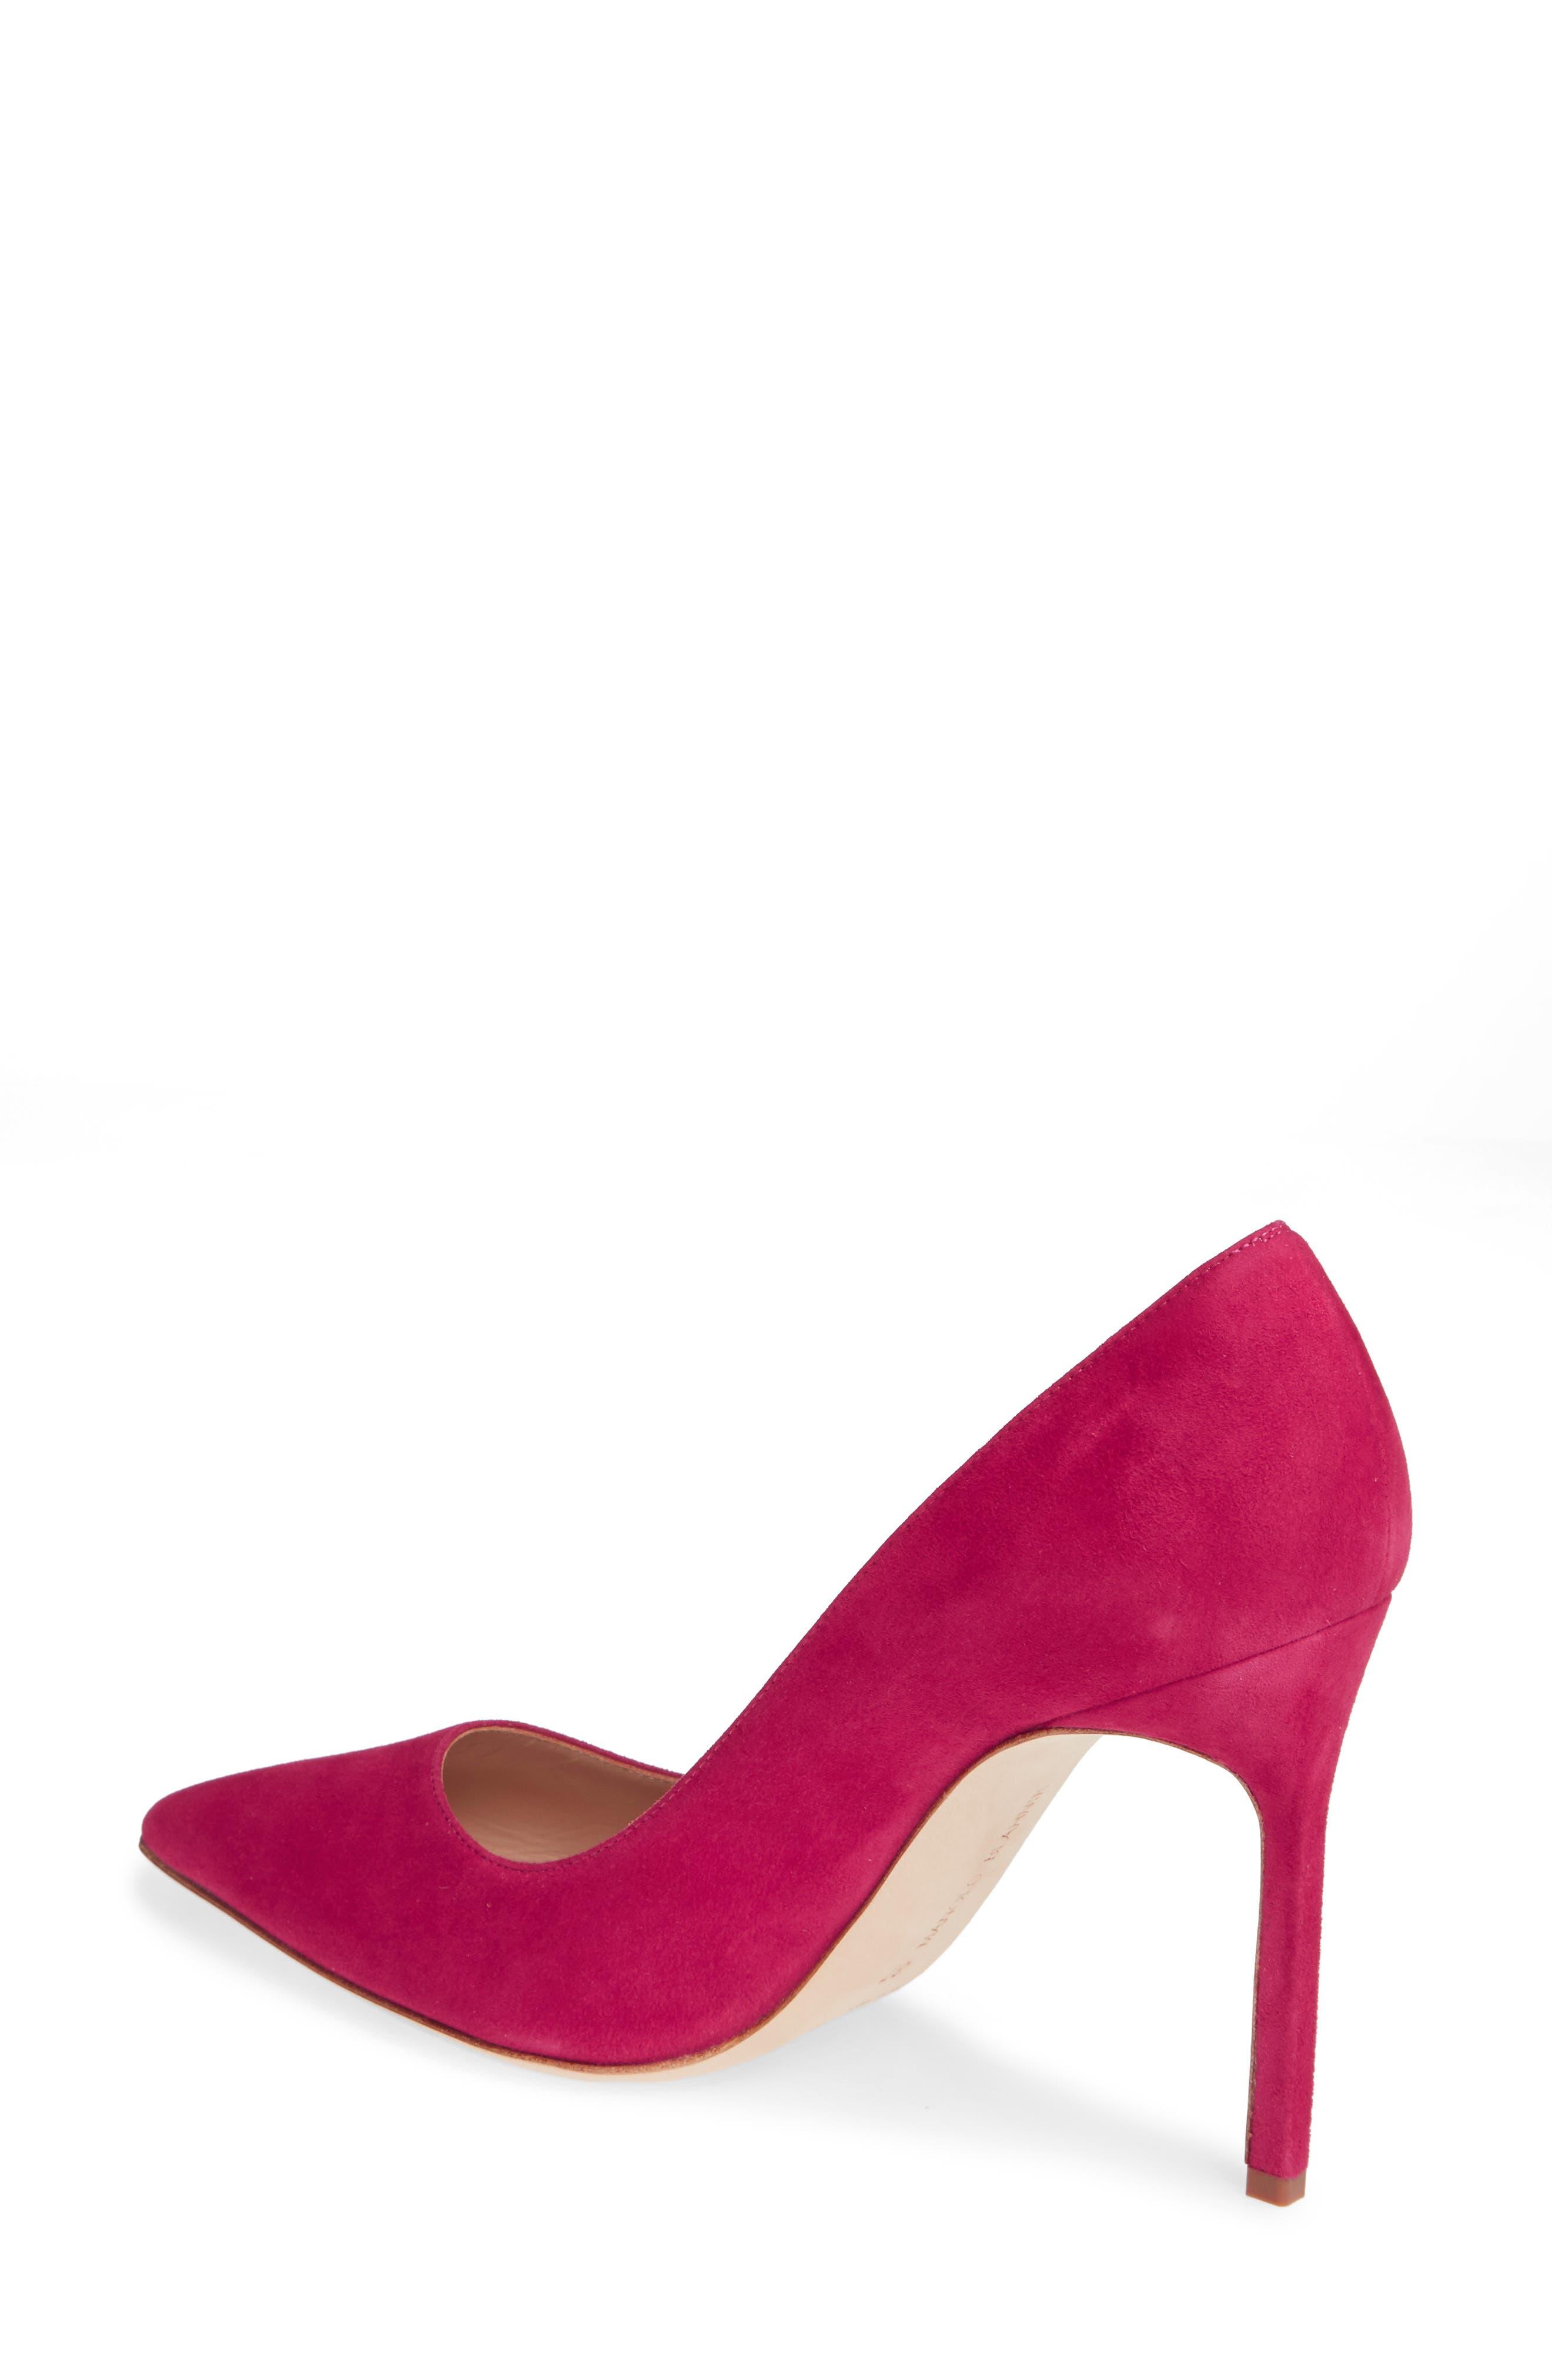 6531853f085 Women s Pink Heels